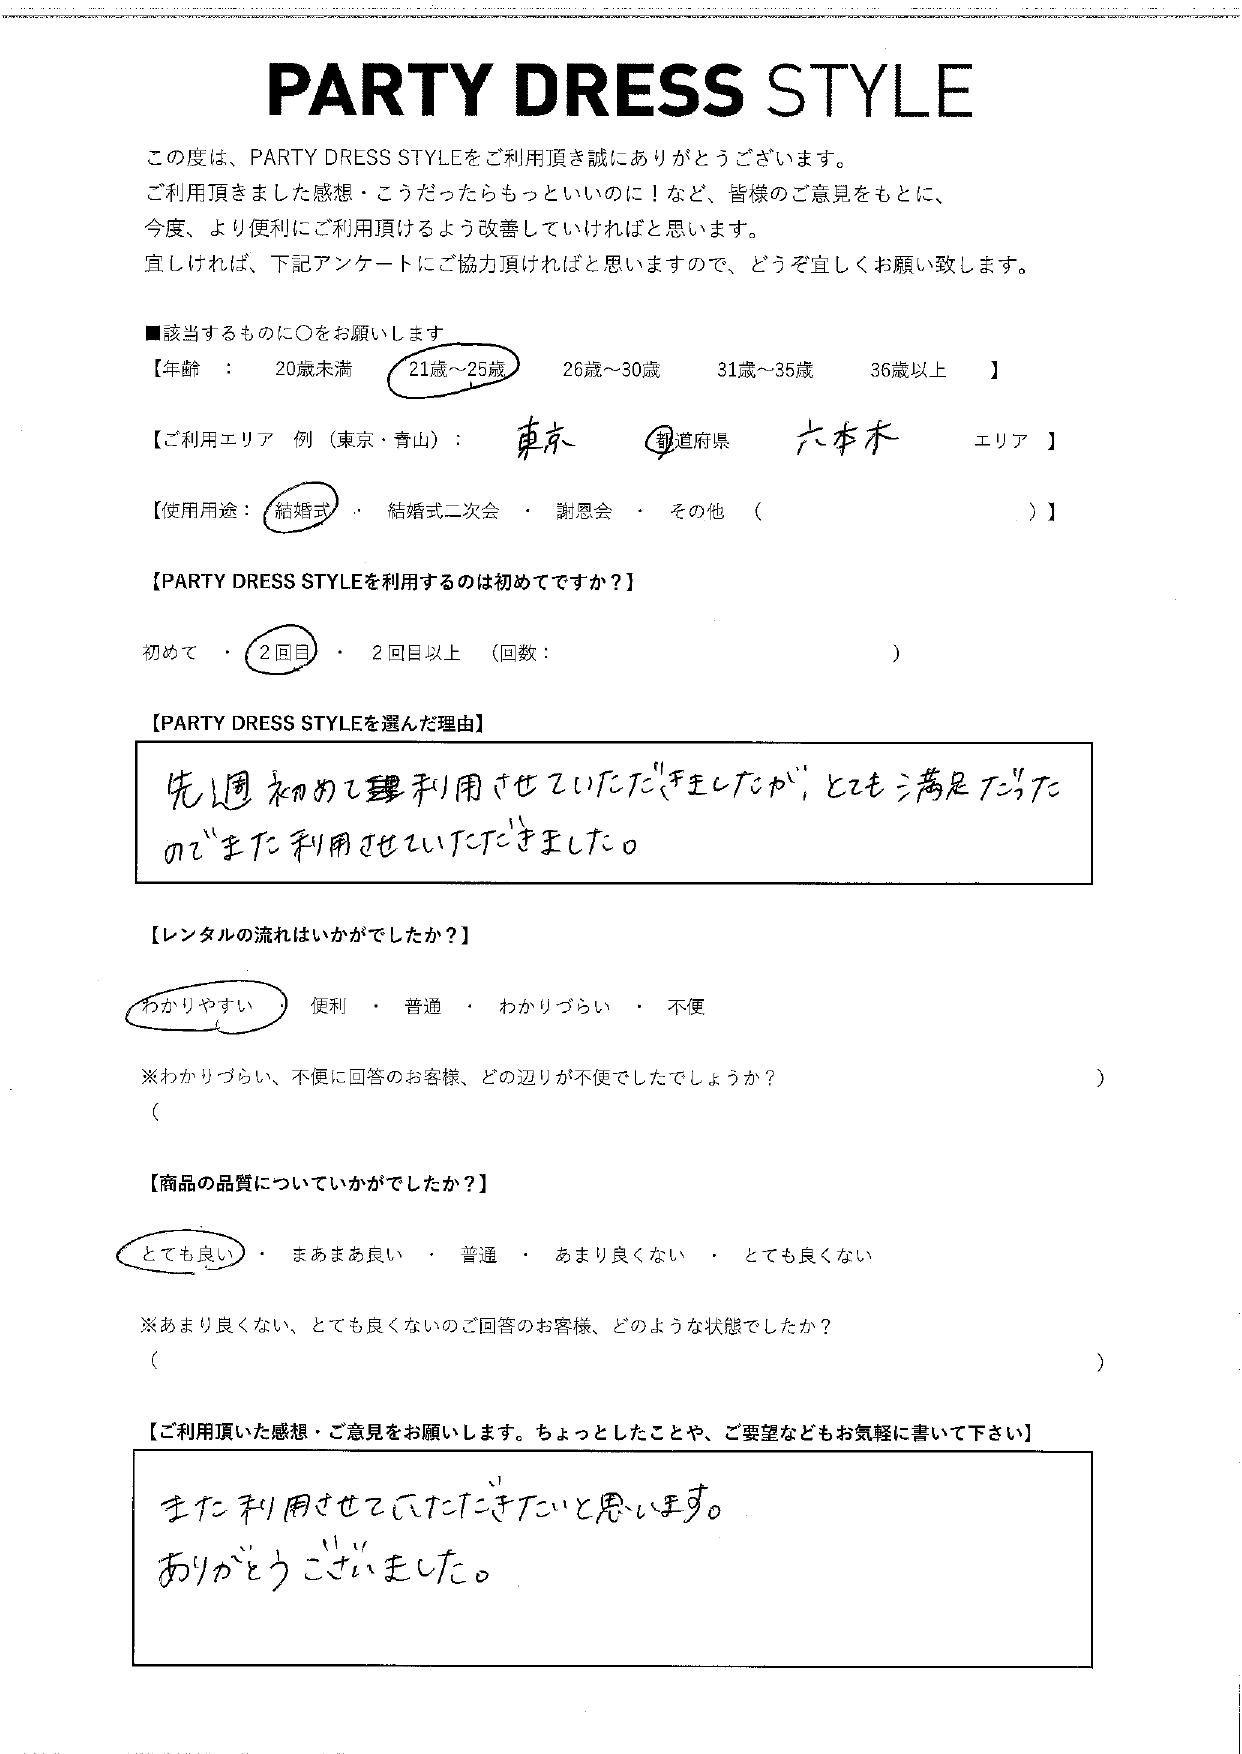 8/22結婚式ご利用 東京・六本木エリア